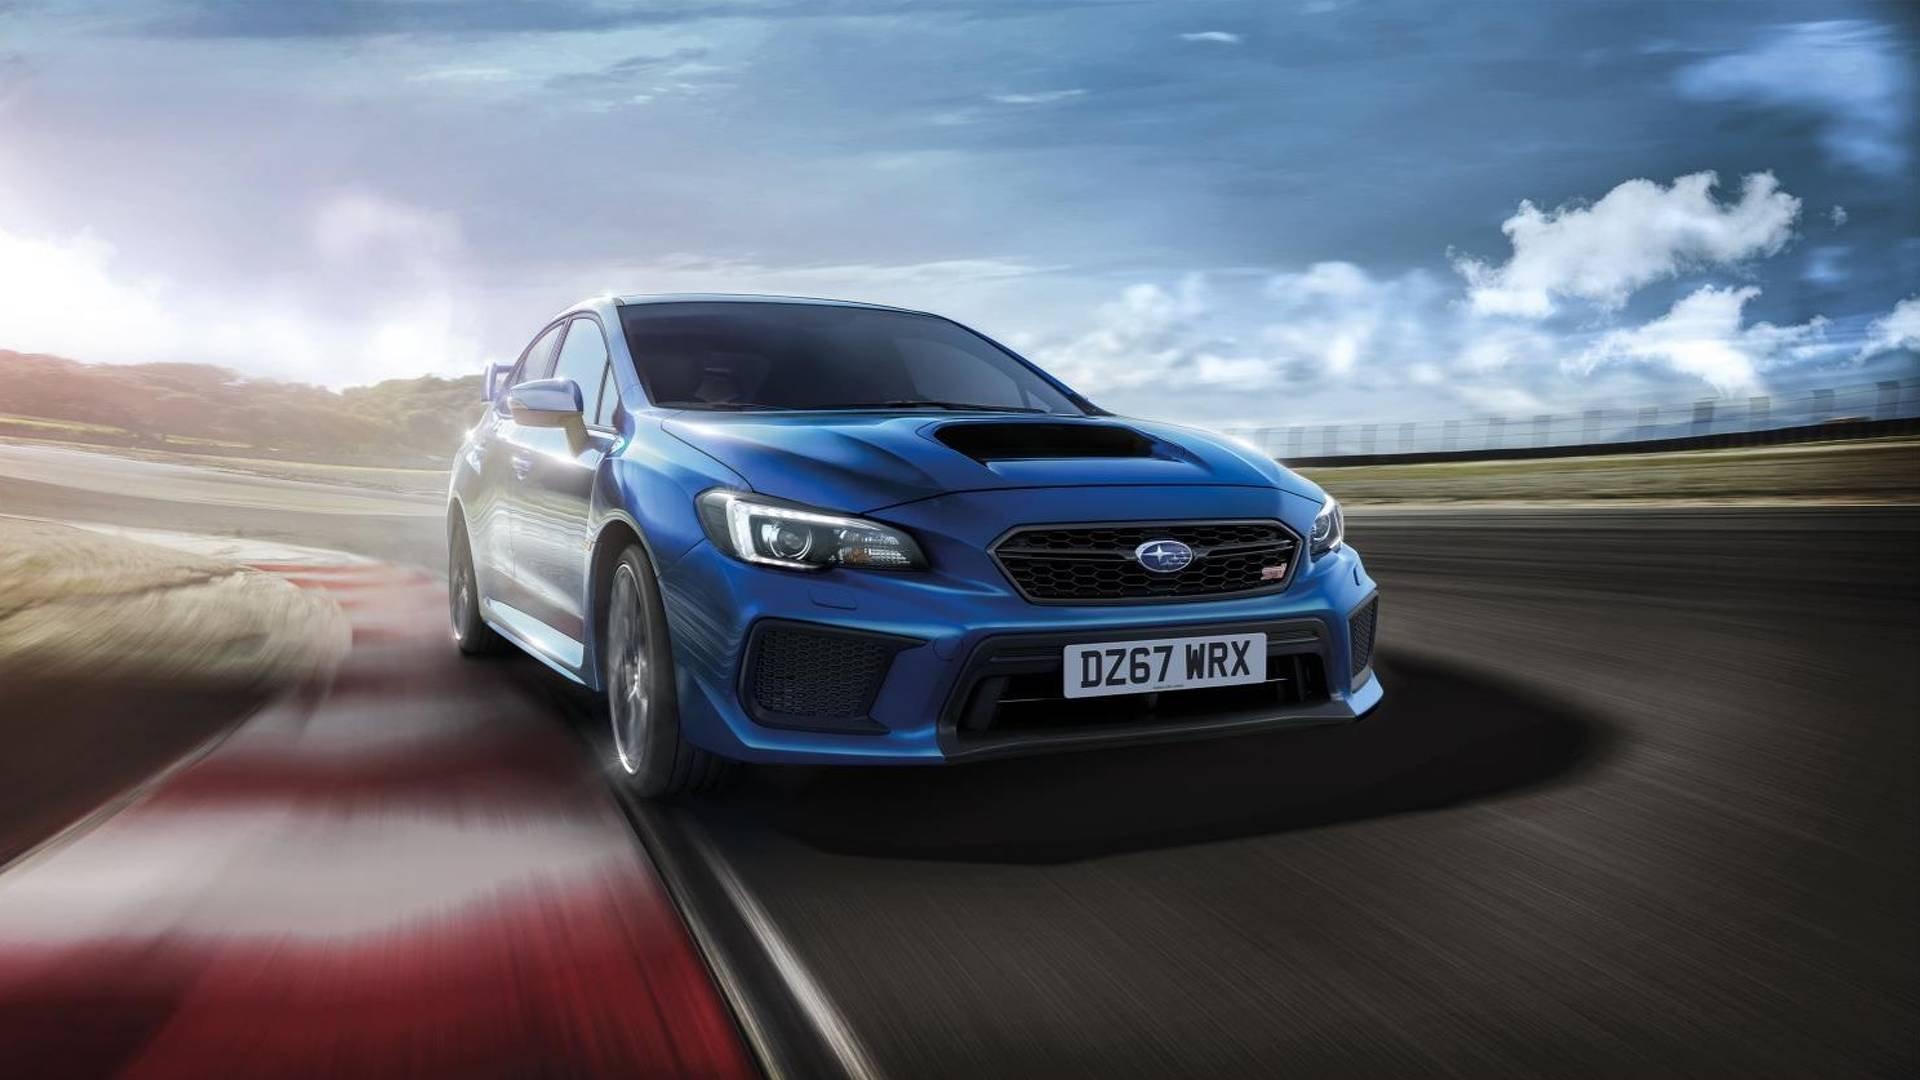 Subaru призналась вфальсификации реального расхода топлива у903 авто